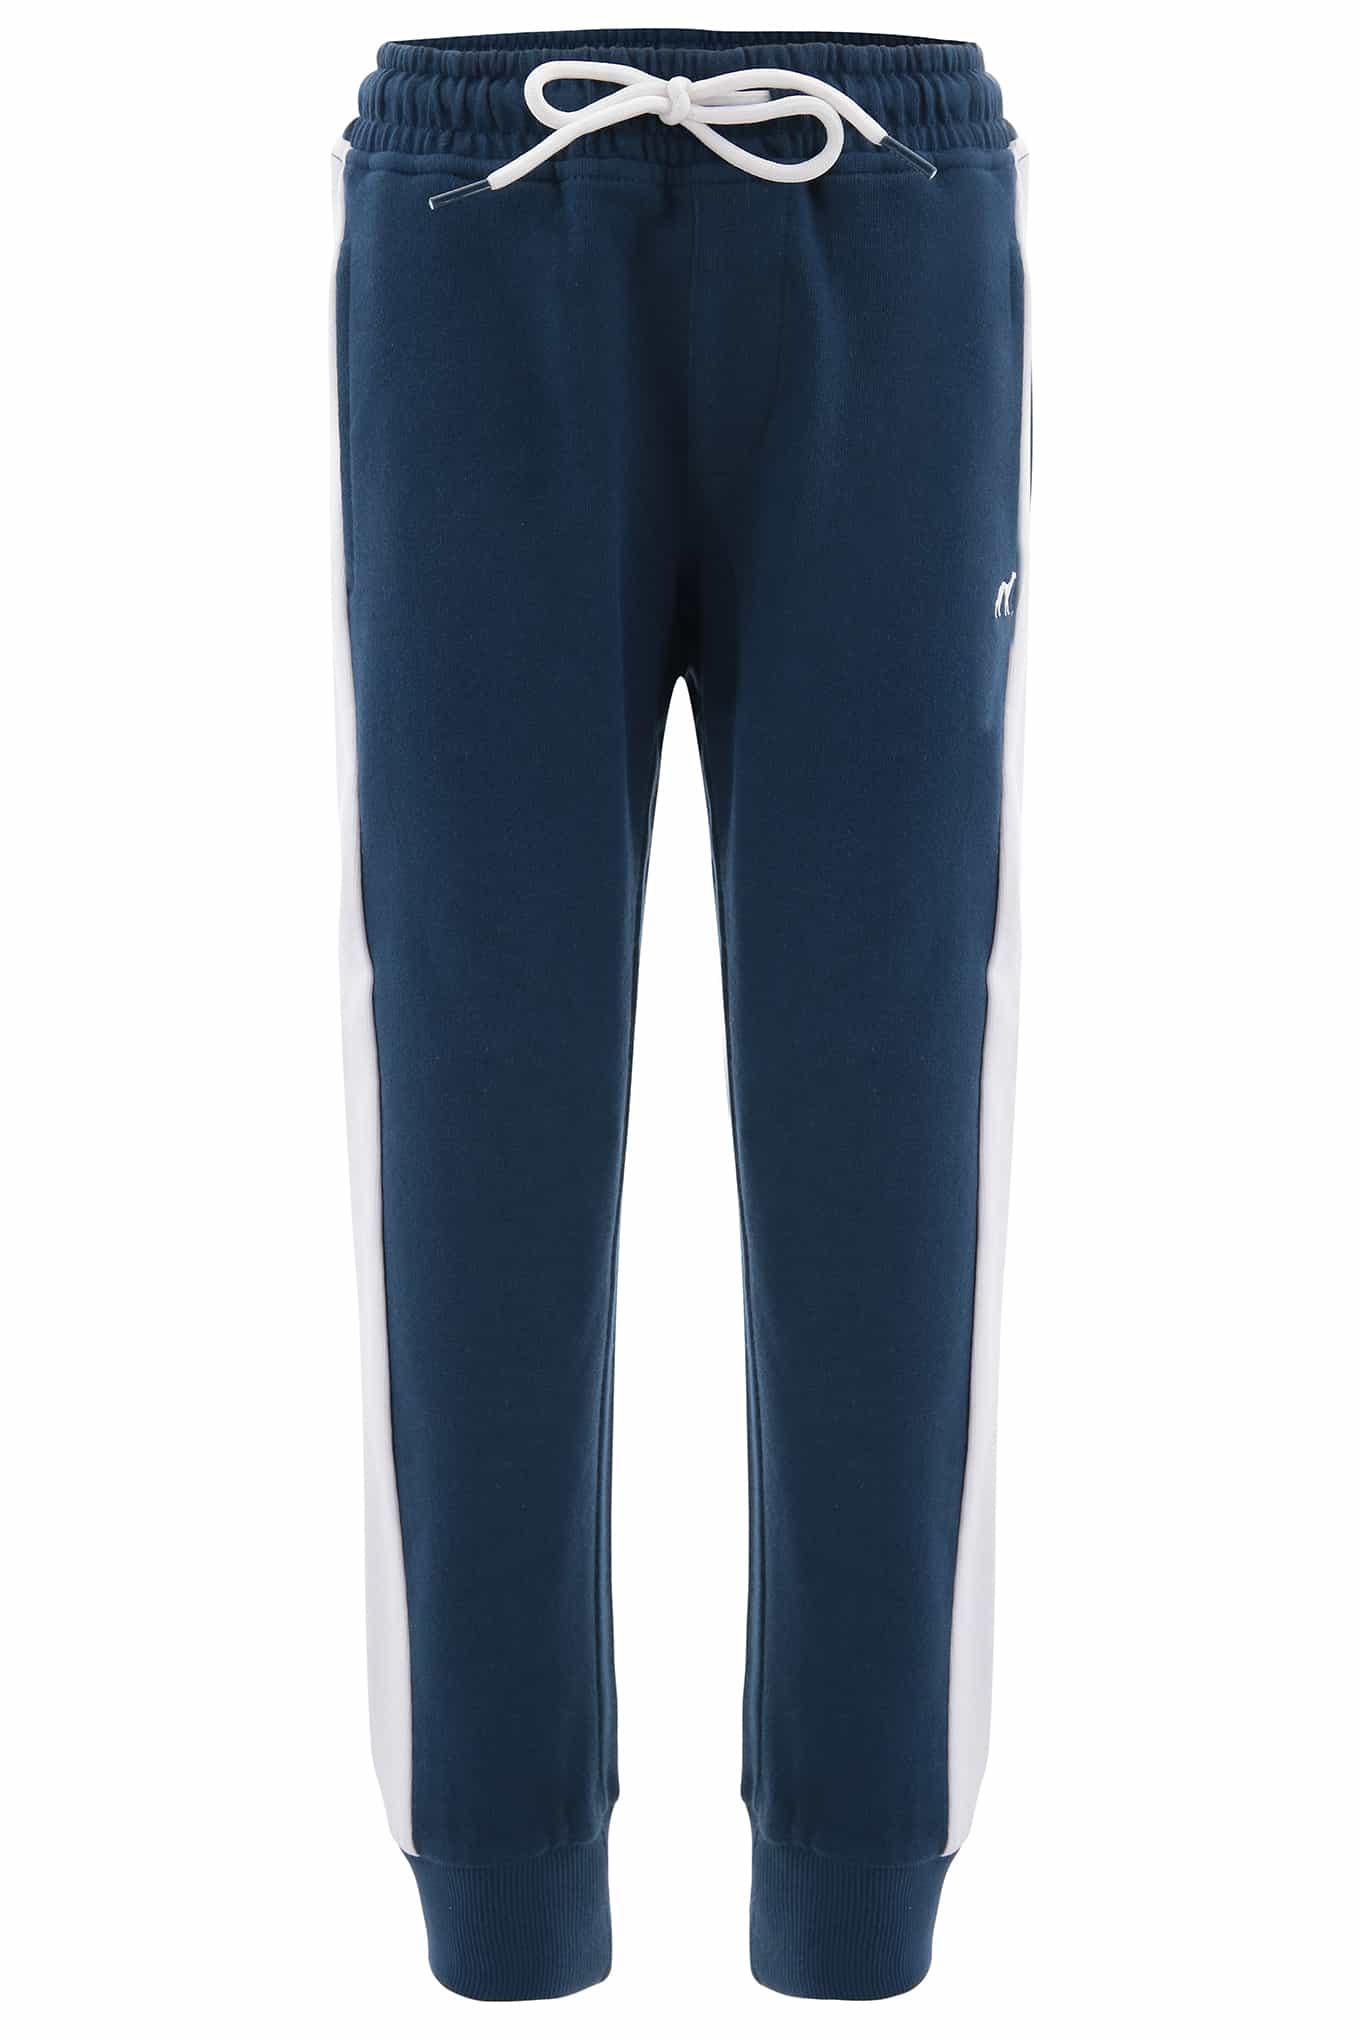 Sportswear Trousers Medium Blue Sport Boy